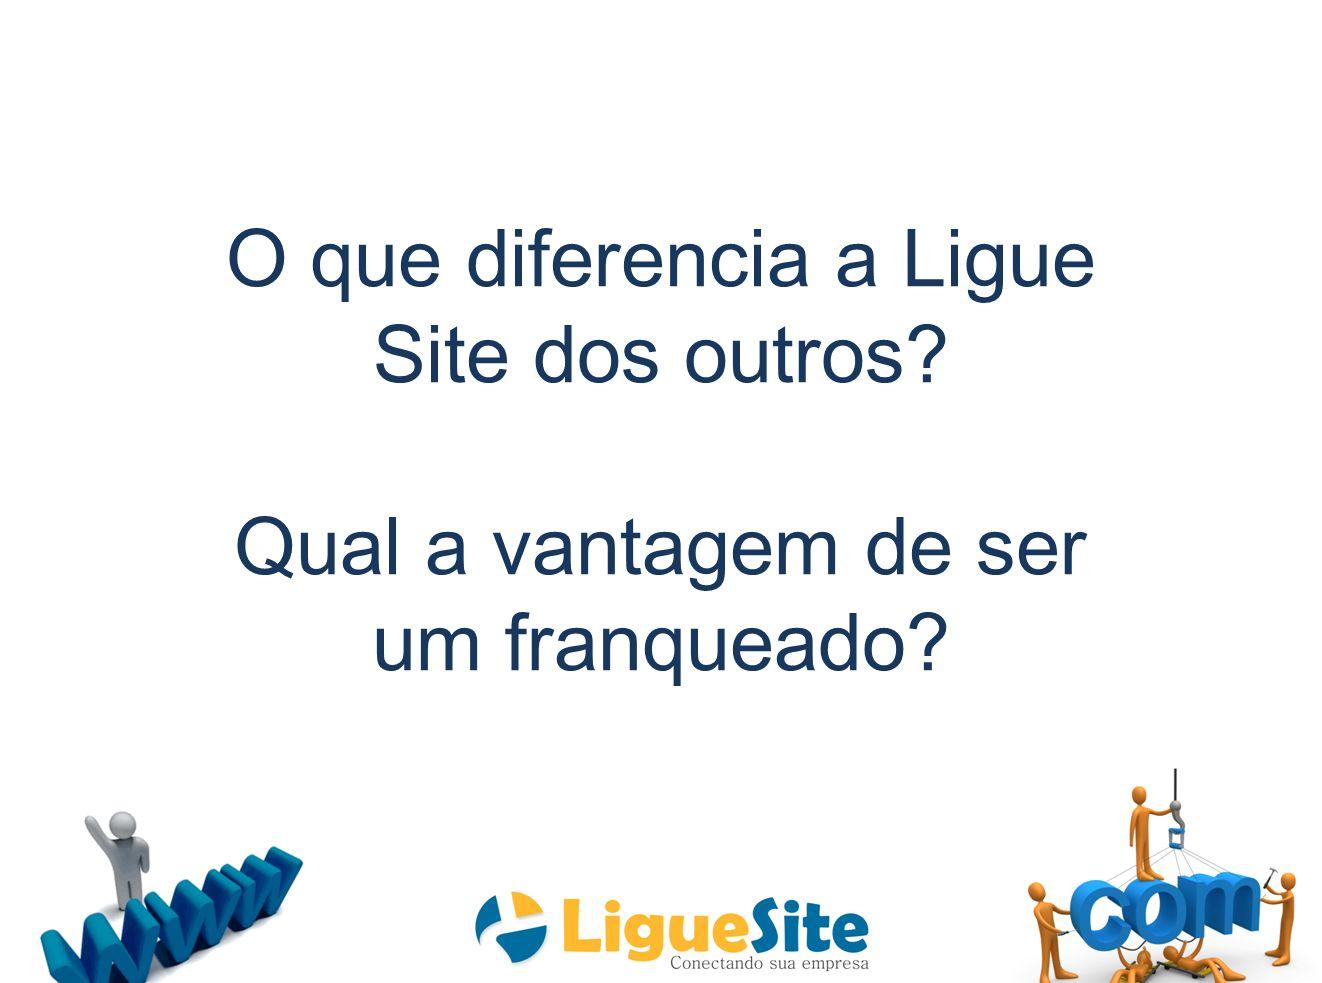 O que diferencia a Ligue Site dos outros